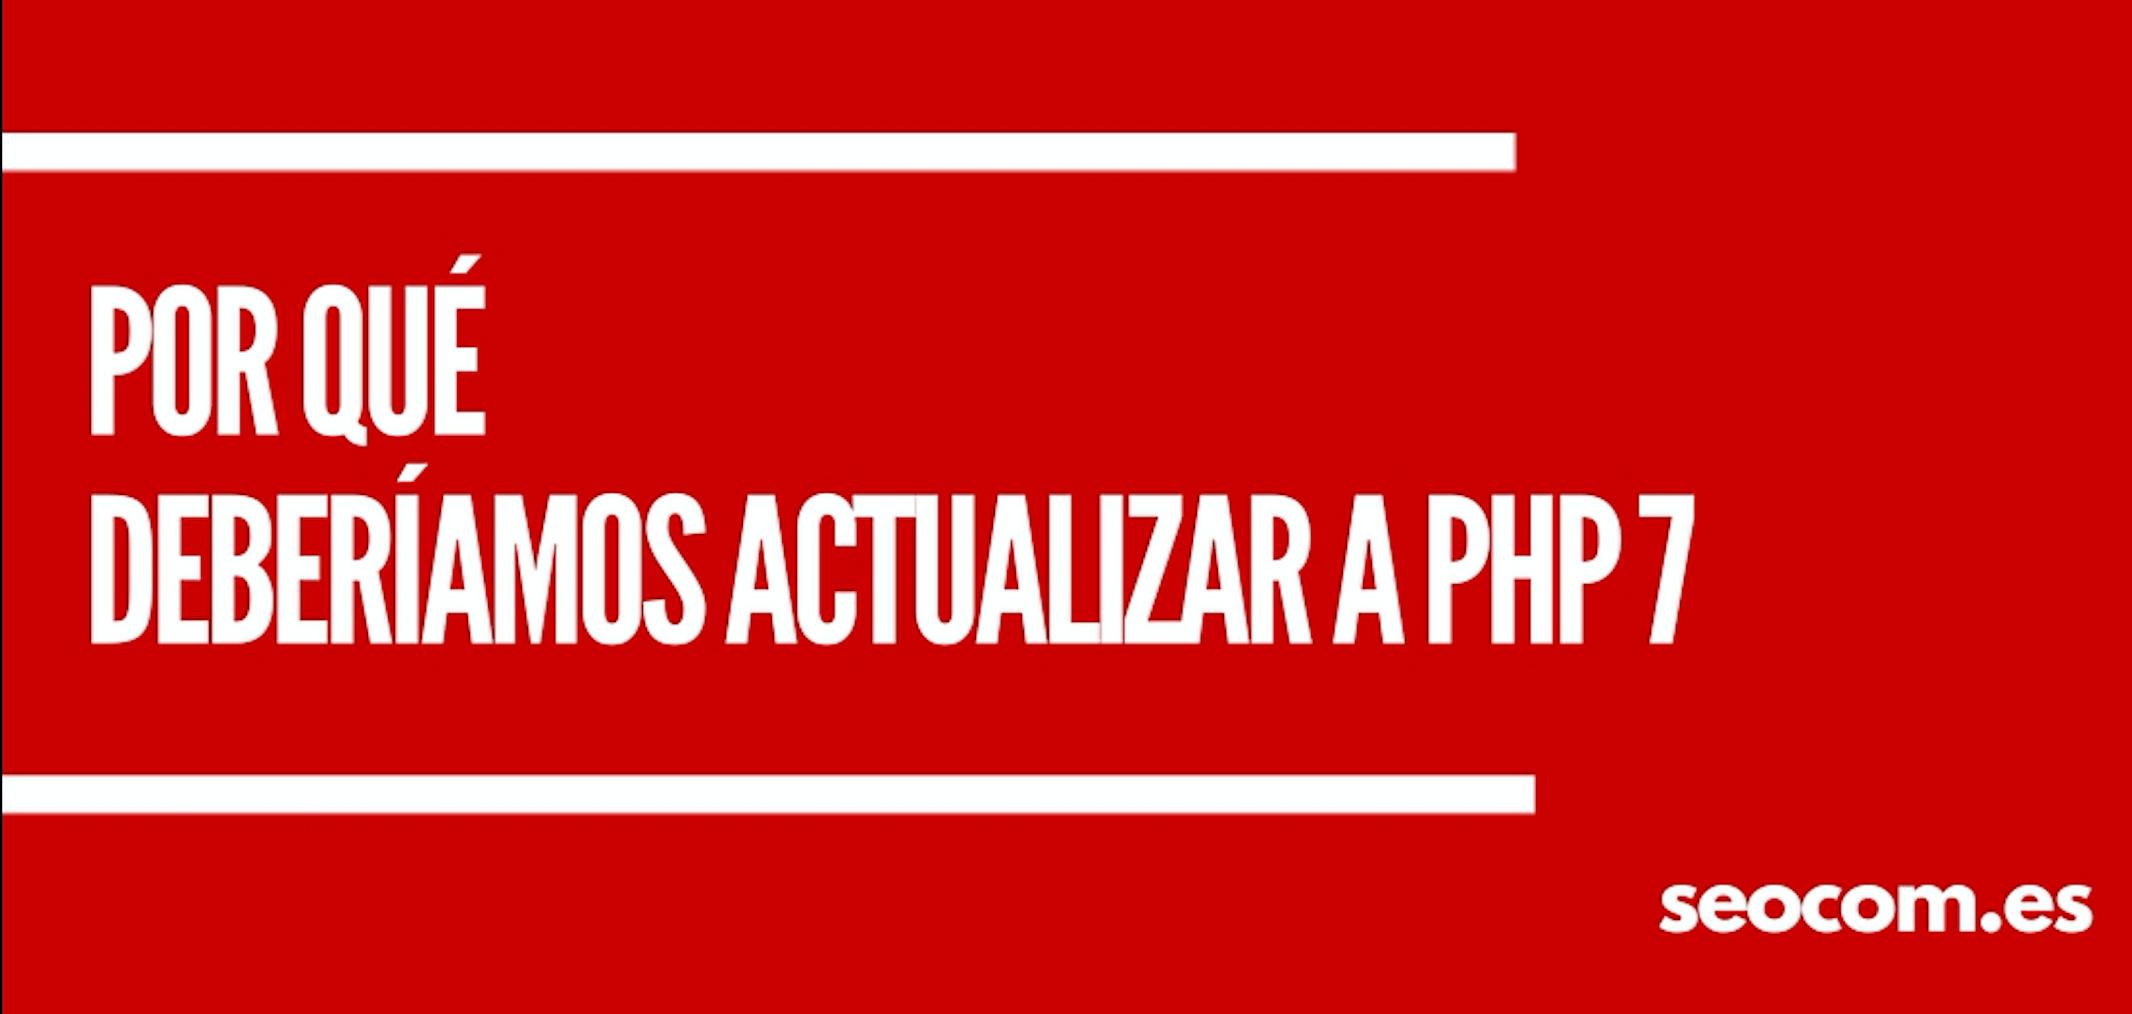 Por qué deberíamos actualizar a PHP 7